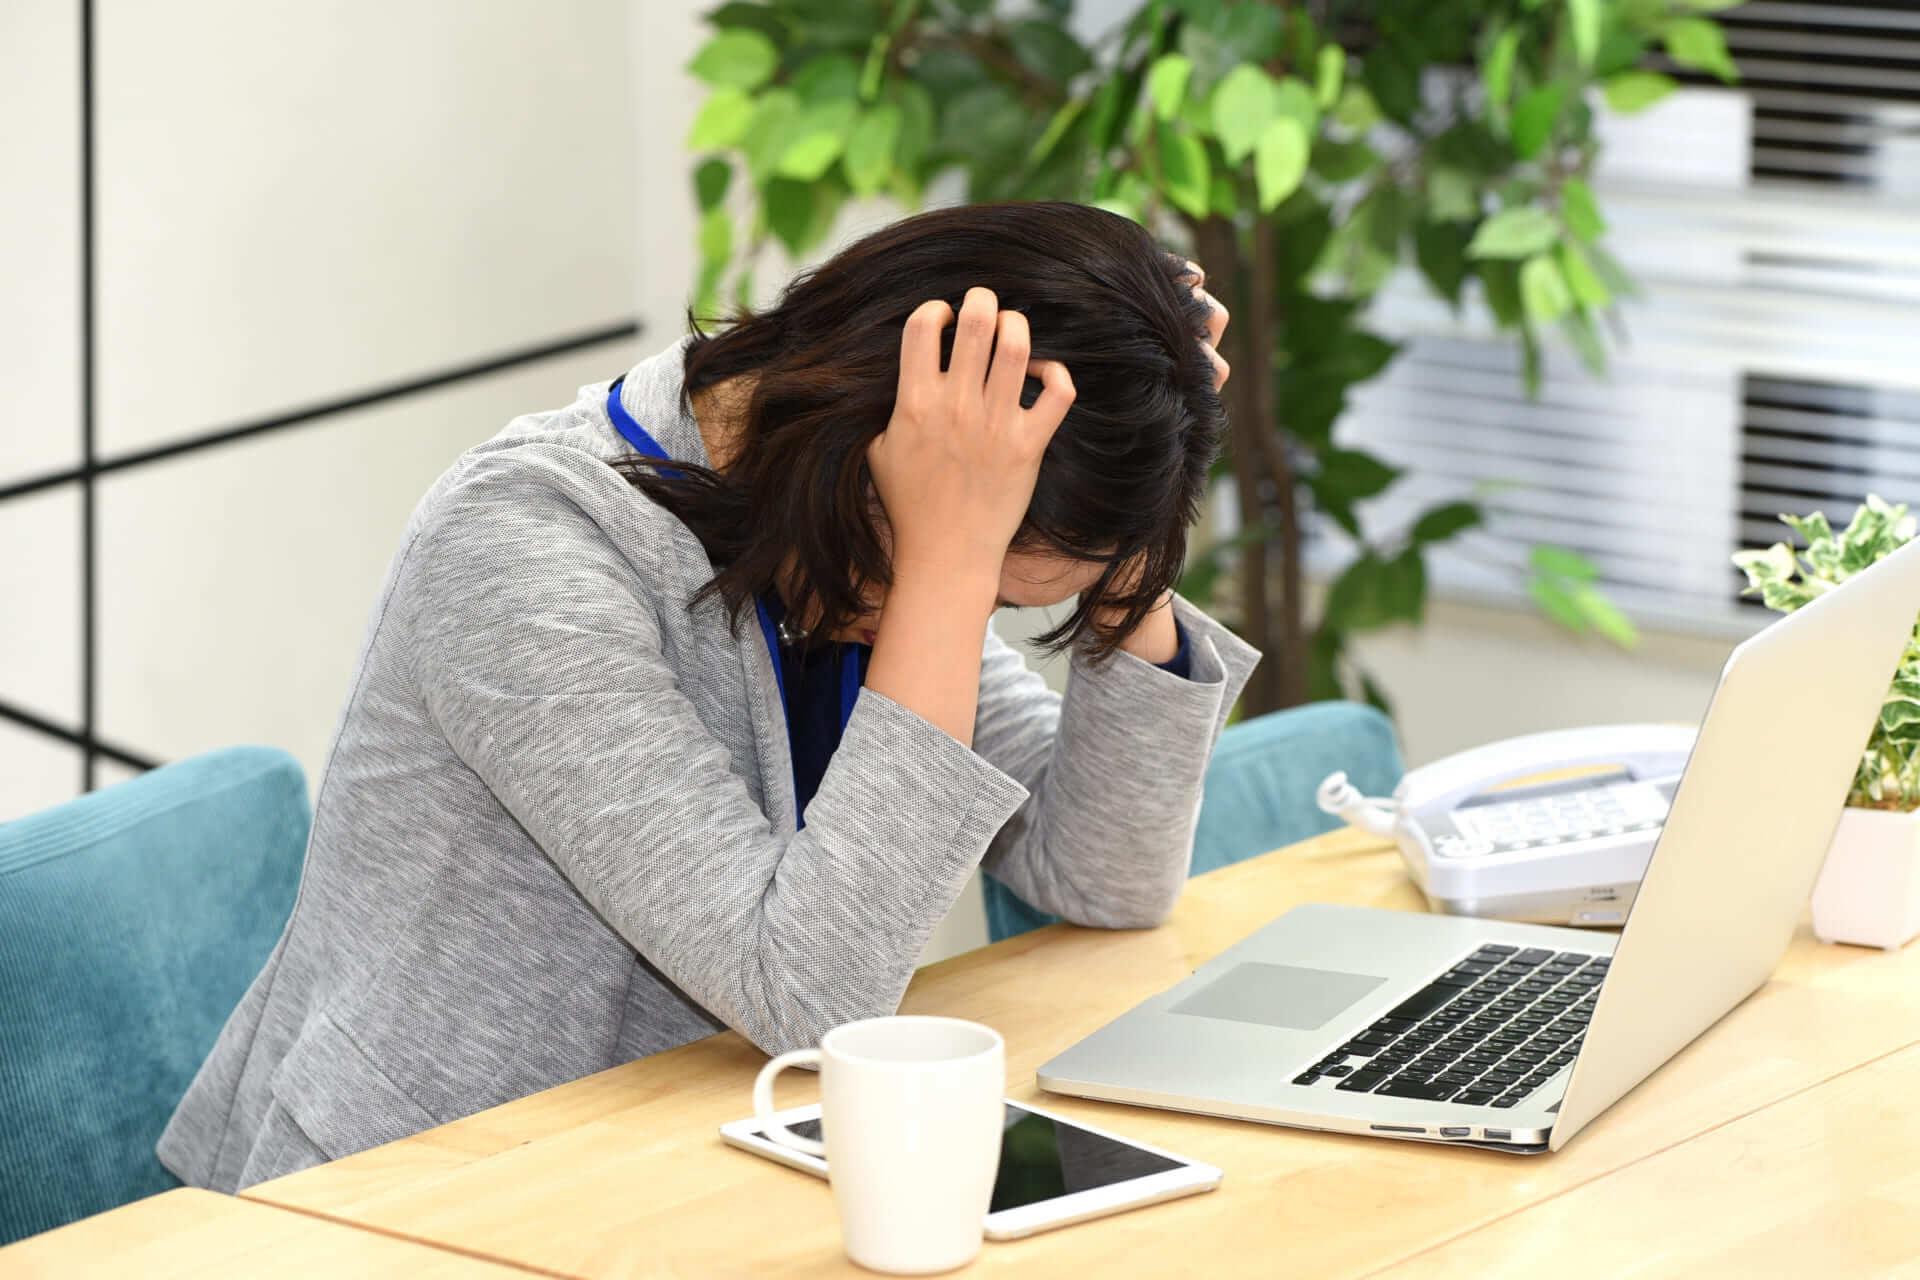 人間関係でストレス…今年、関わるべき人物or逆に避けるべき人物占い